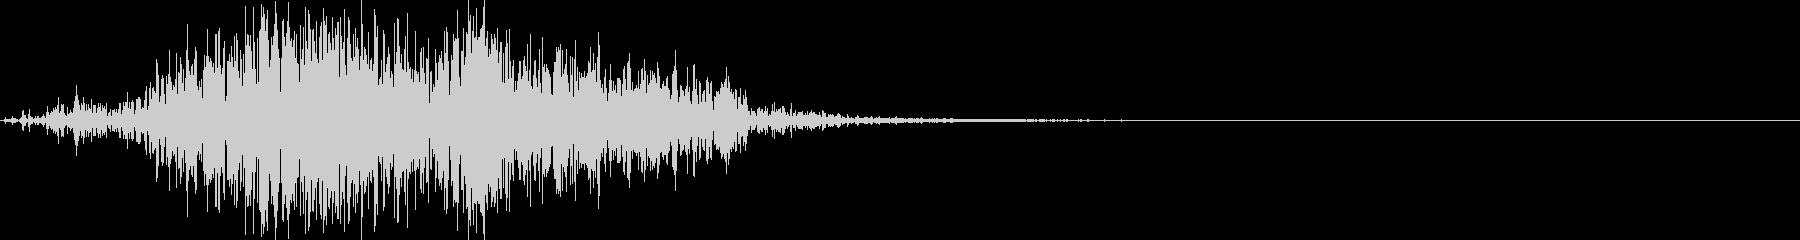 シャッ。素早く動く音(高)の未再生の波形